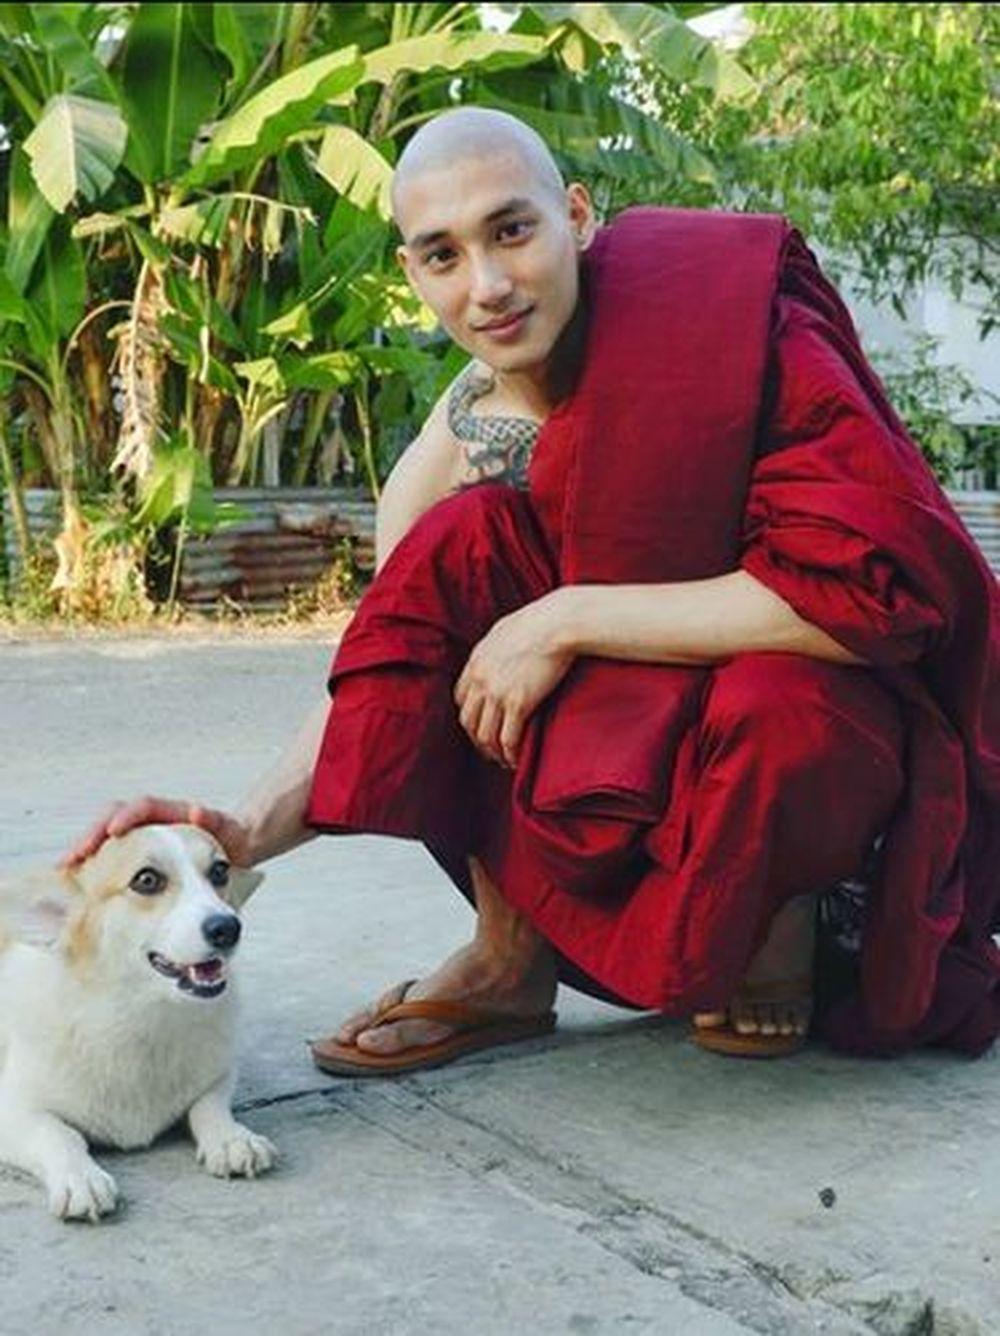 Paing Takhon (Tangkapan Layar Instagram/@paing_takhon)